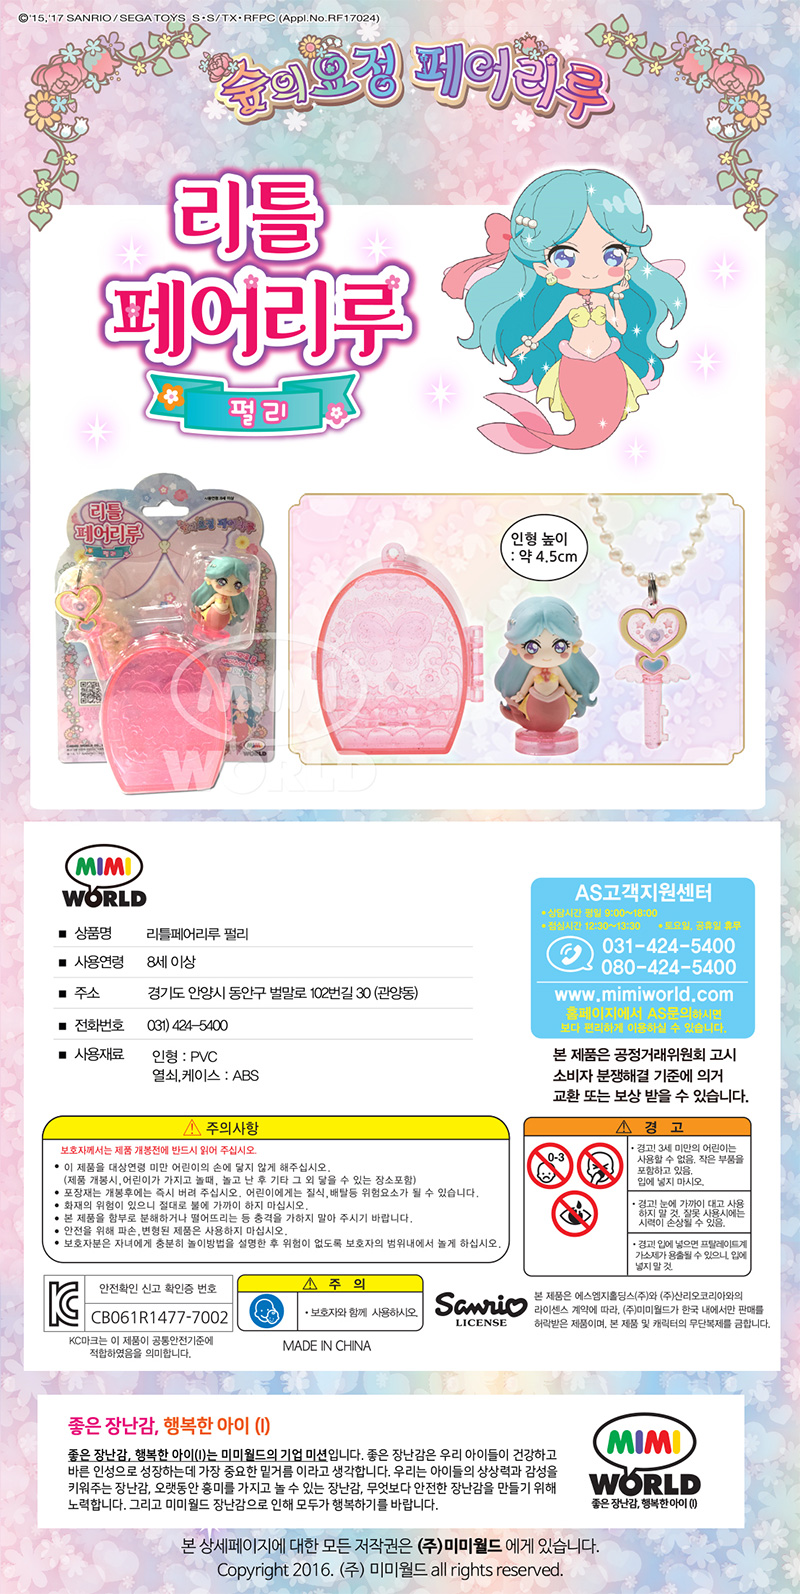 미미 페어리루 리틀페어리루 펄리-영2(74838) 장난감 어린이장난감 놀이 역할놀이 역할놀이장난감 소꿉놀이장난감 변신장난감 완구 캐릭터놀이 만화캐릭터놀이